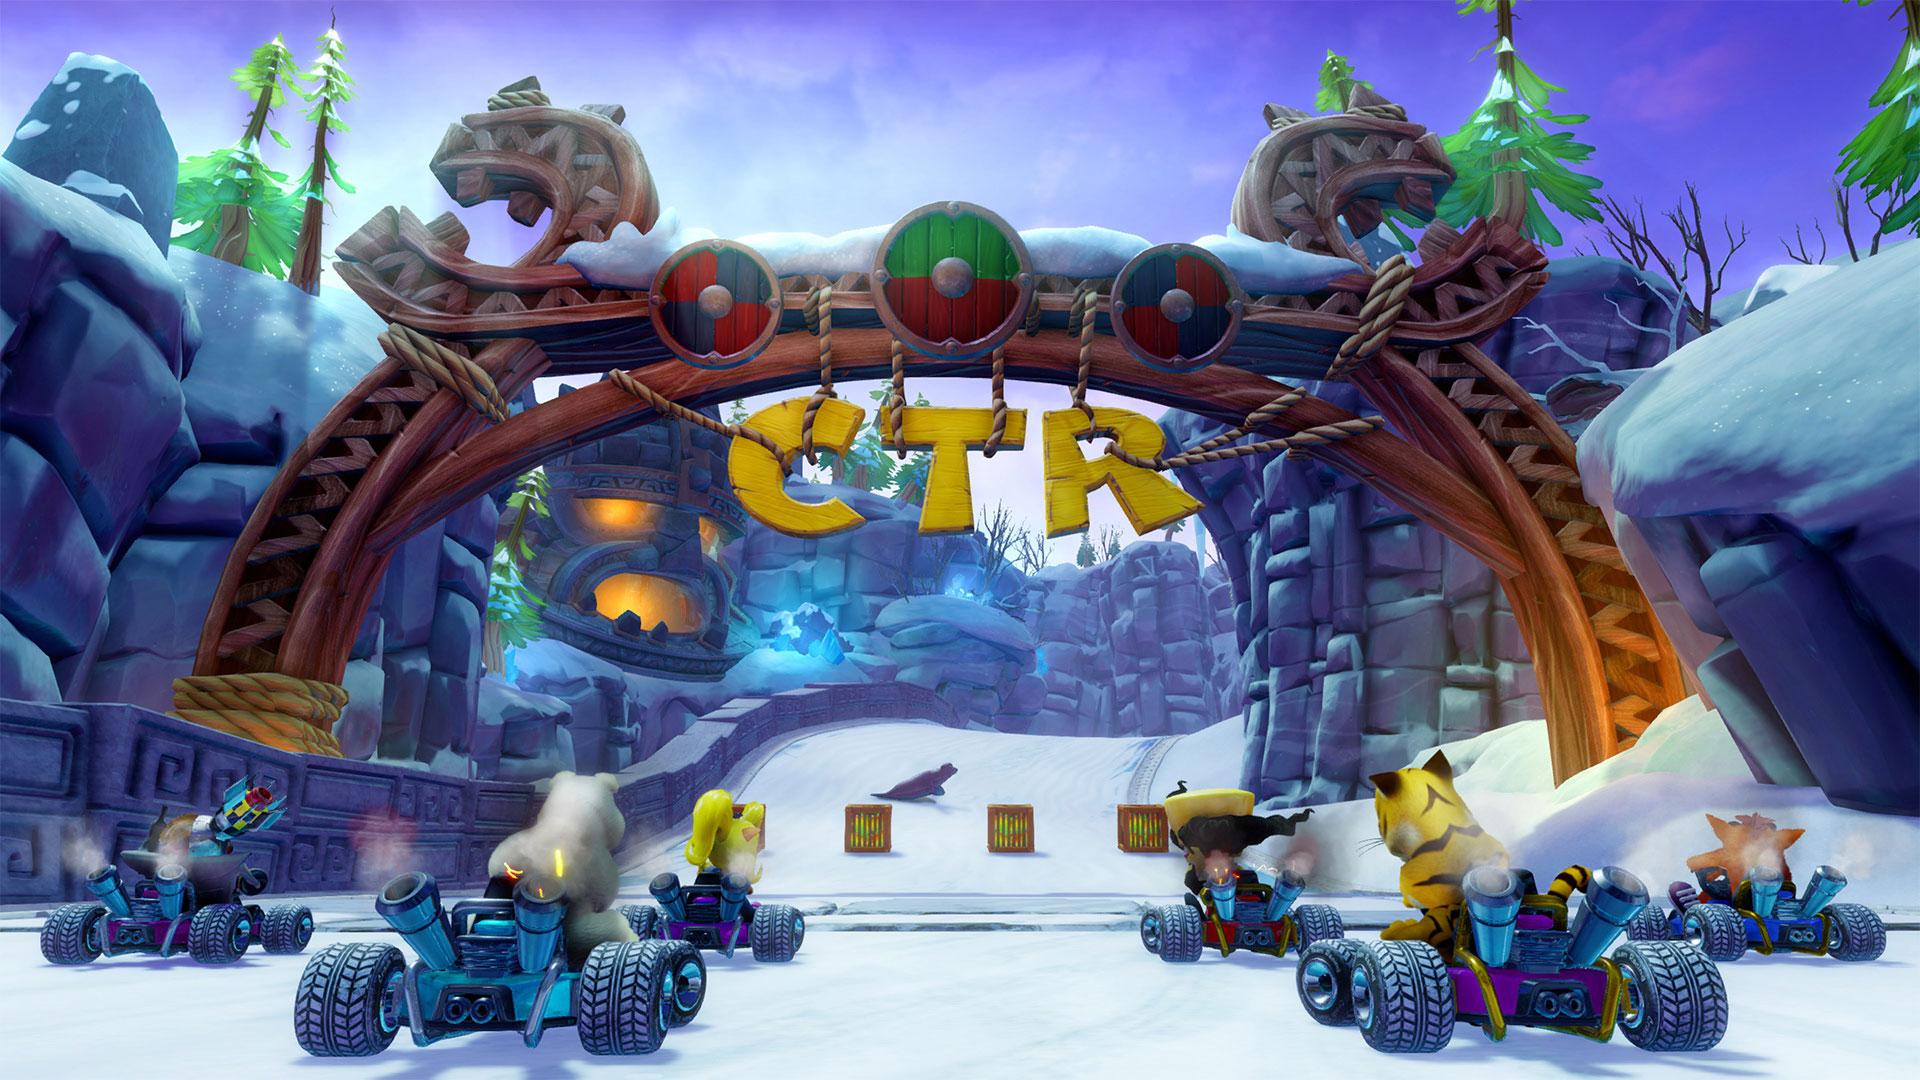 Crash Team Racing Nitro Fueled Recensione: (ri)accendiamo i motori! 4